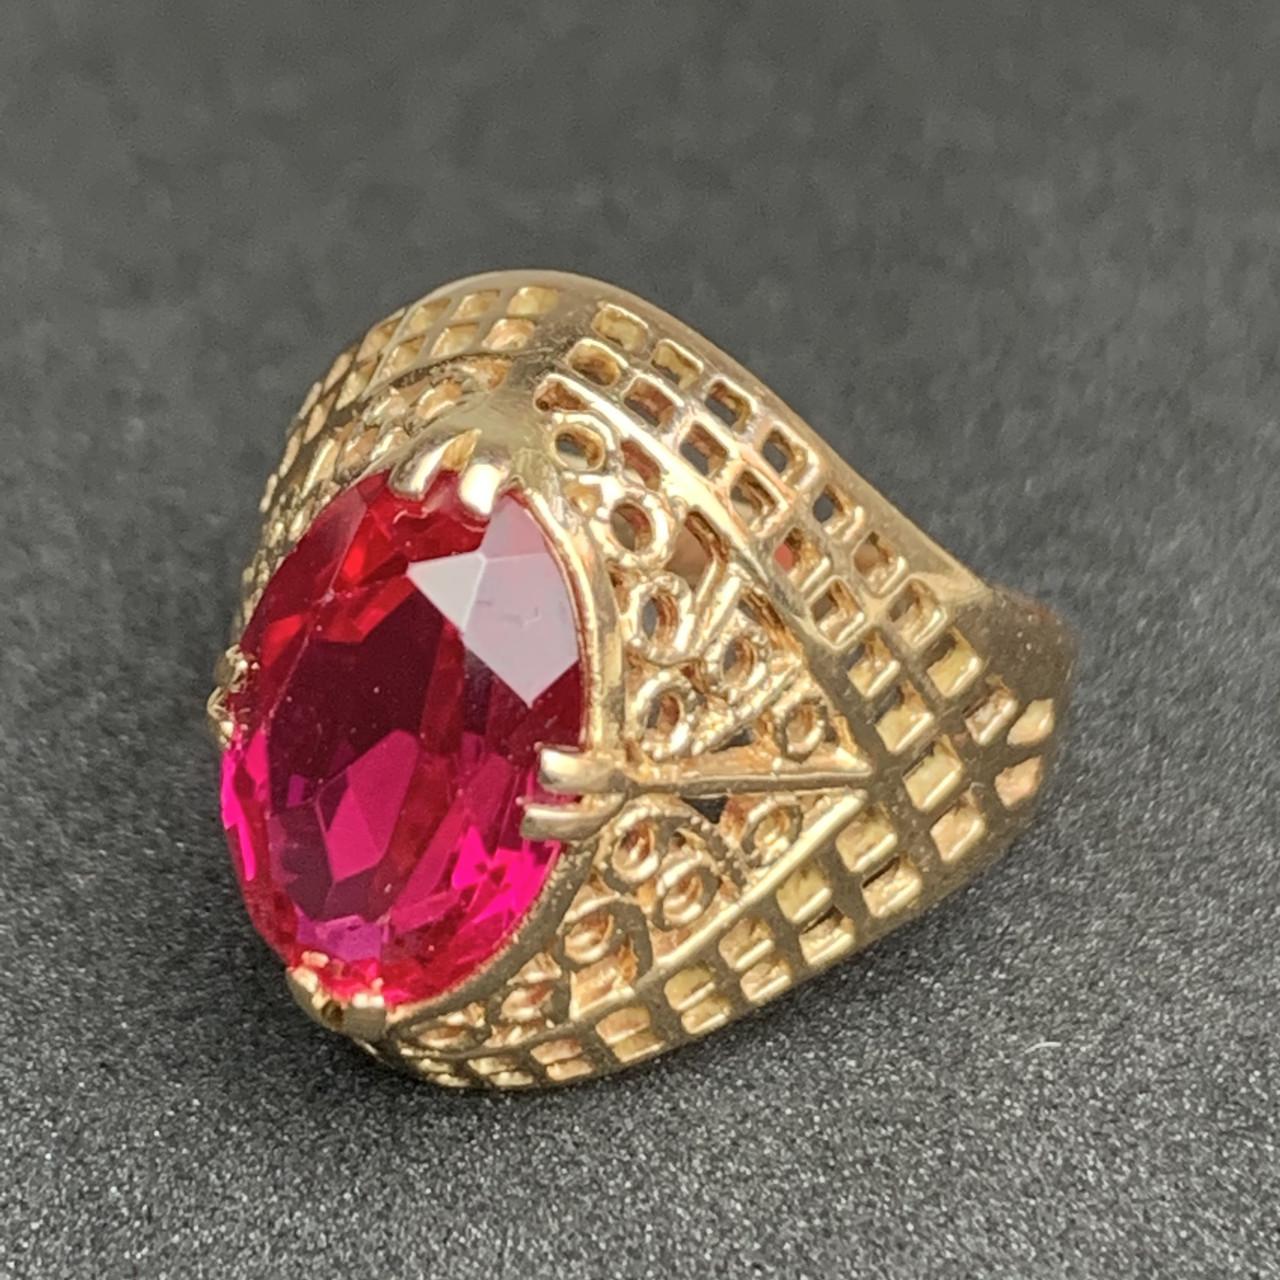 Золотое кольцо с рубином 583 пробы, вес 5.30 г. Б/у. Продажа по Украине